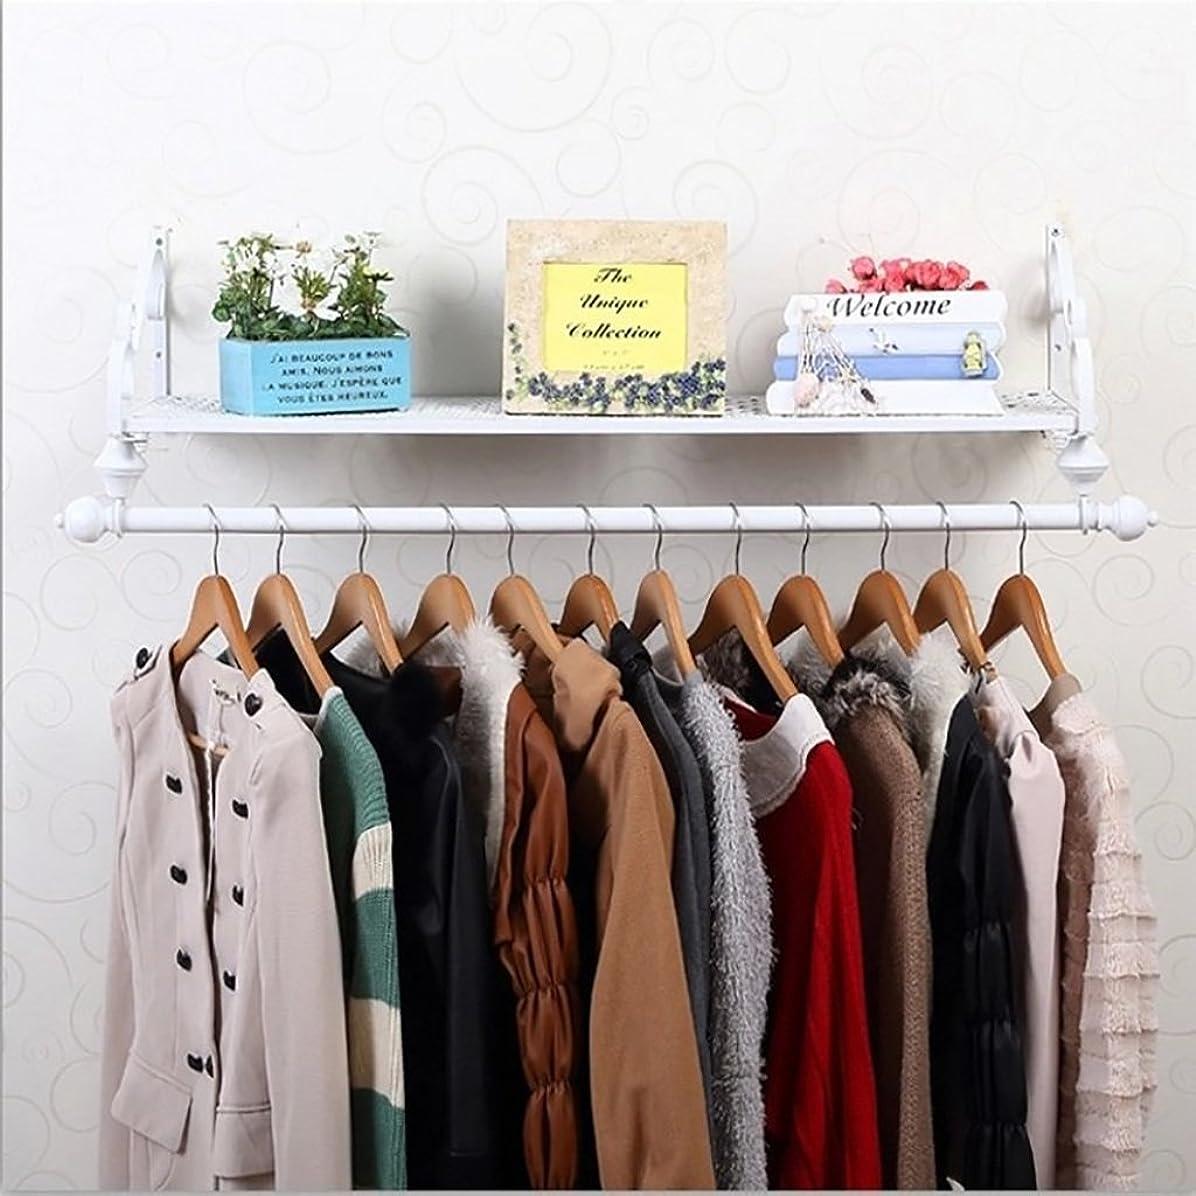 武装解除作成する頂点YSDHE 垂直コートラック 収納棚、白い壁に取り付けられた金属の角の衣類の掛かる棒、衣服の棚が付いているコートの棚の衣類のロッドラック (Size : 60cm)